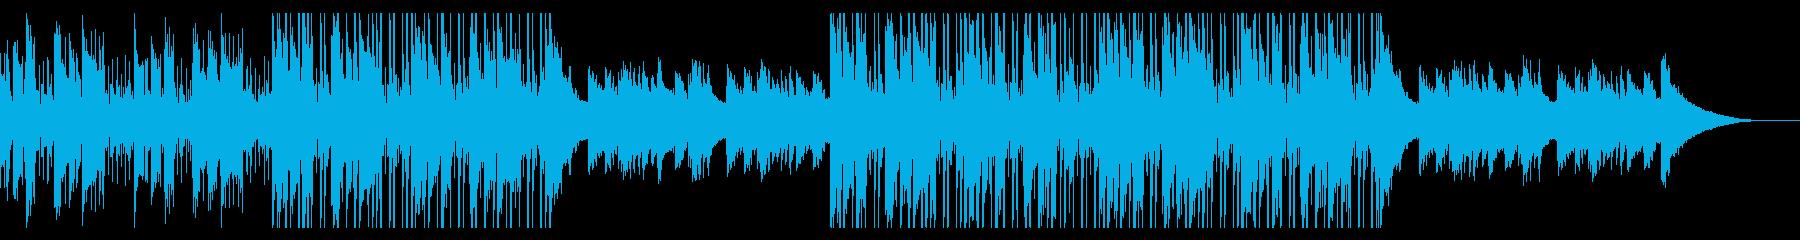 カフェの明るいジャズピアノ【キー +1】の再生済みの波形